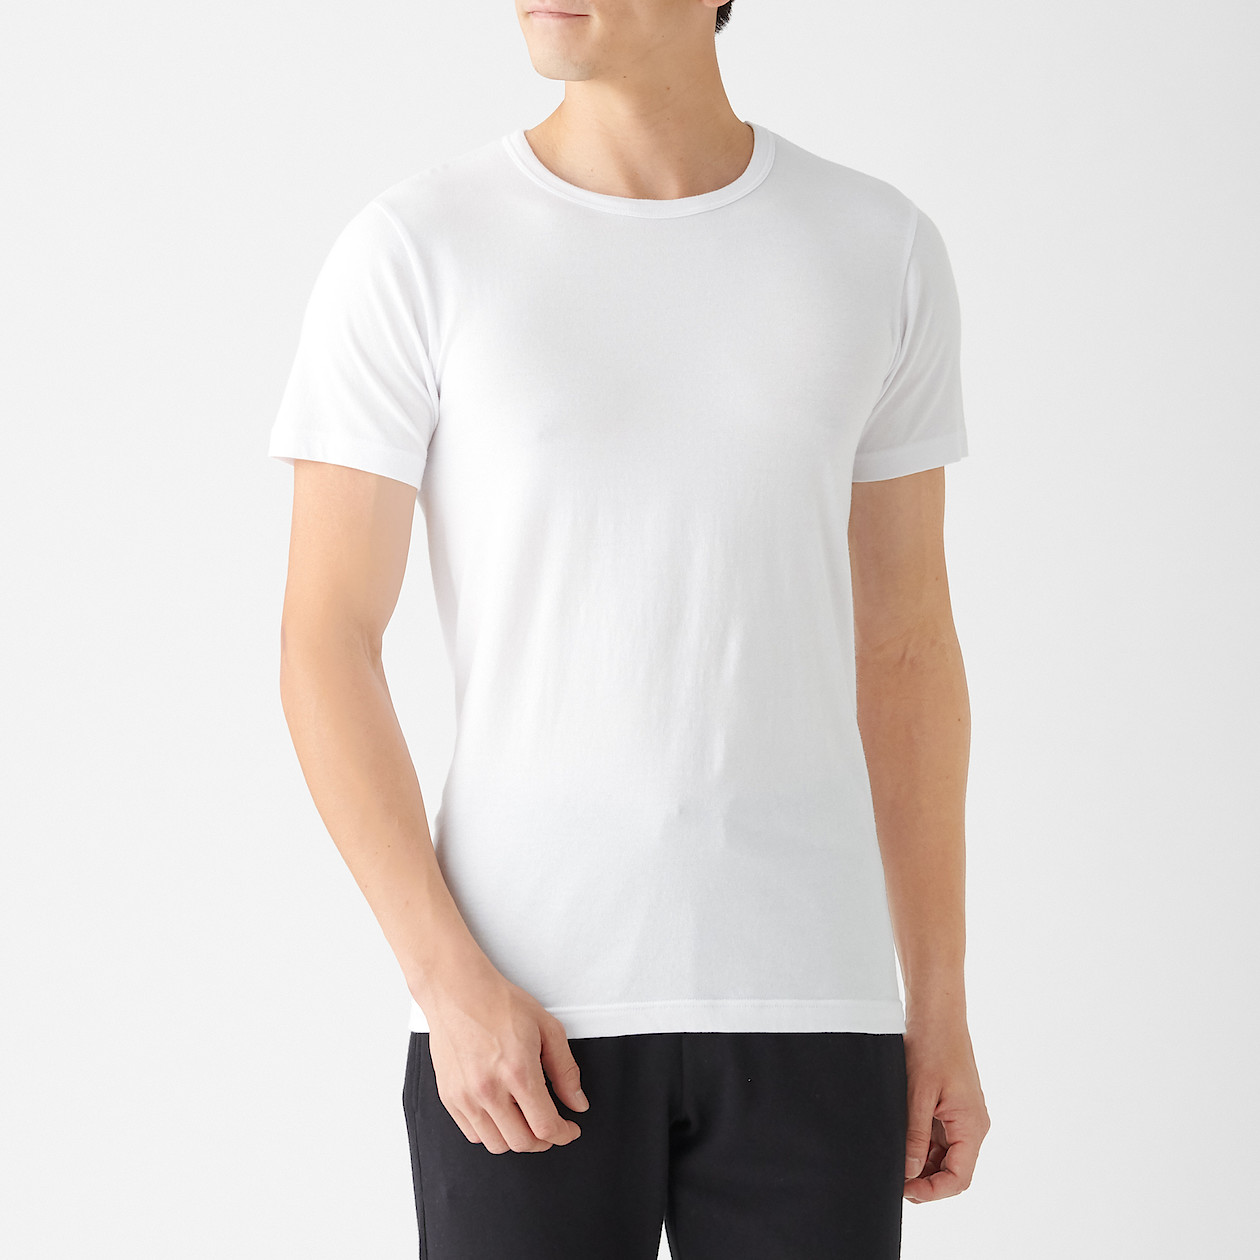 綿であったかクルーネック半袖Tシャツスタイル写真